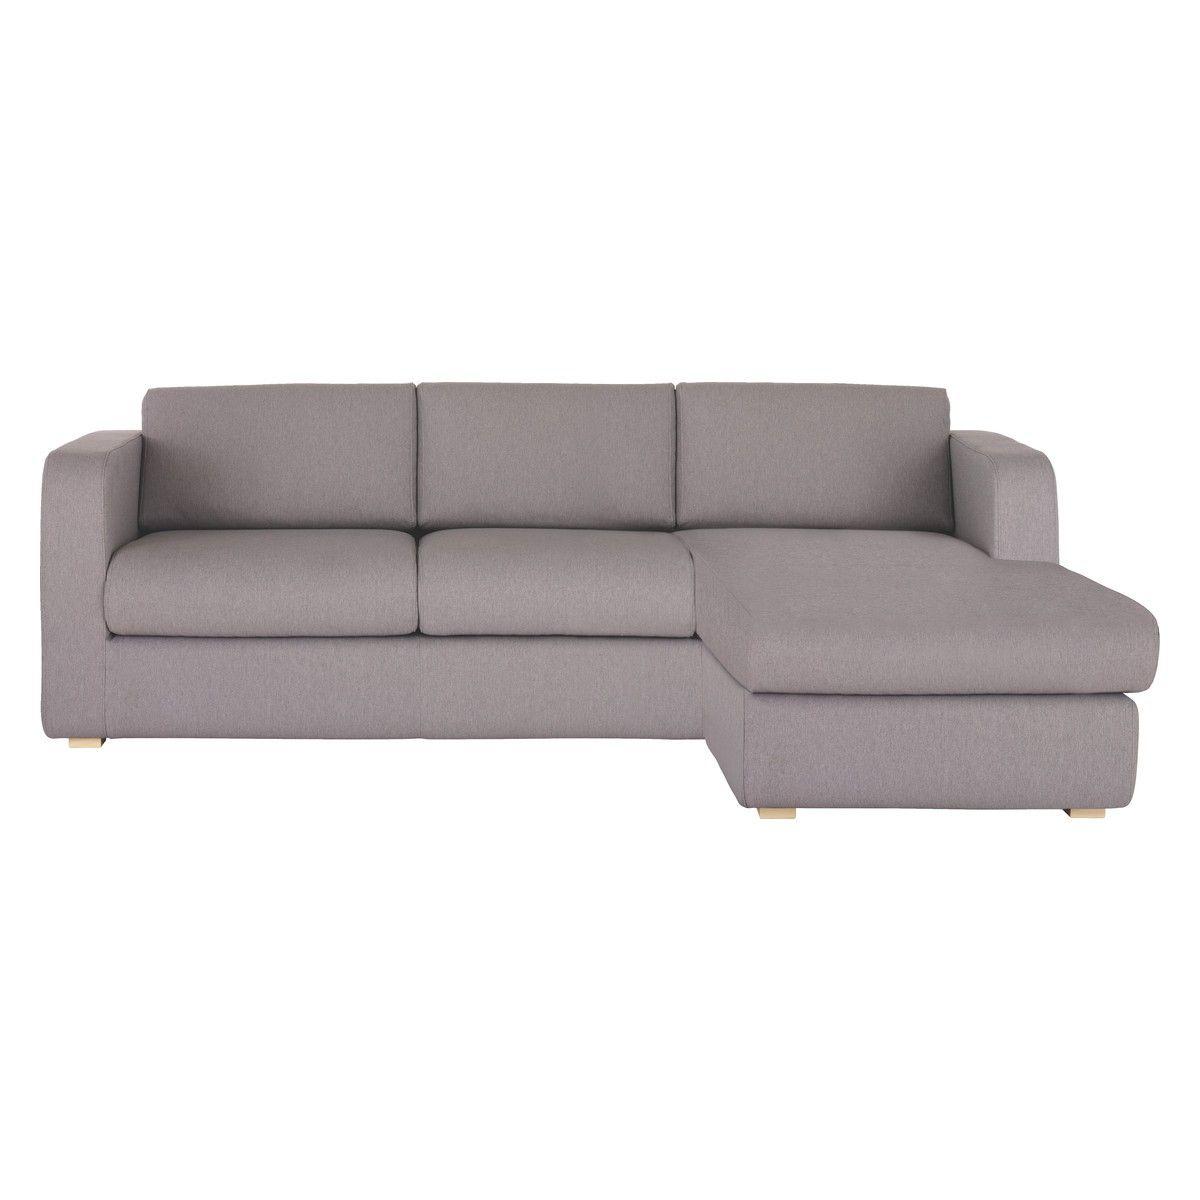 Beau Chaise Sofa Bed